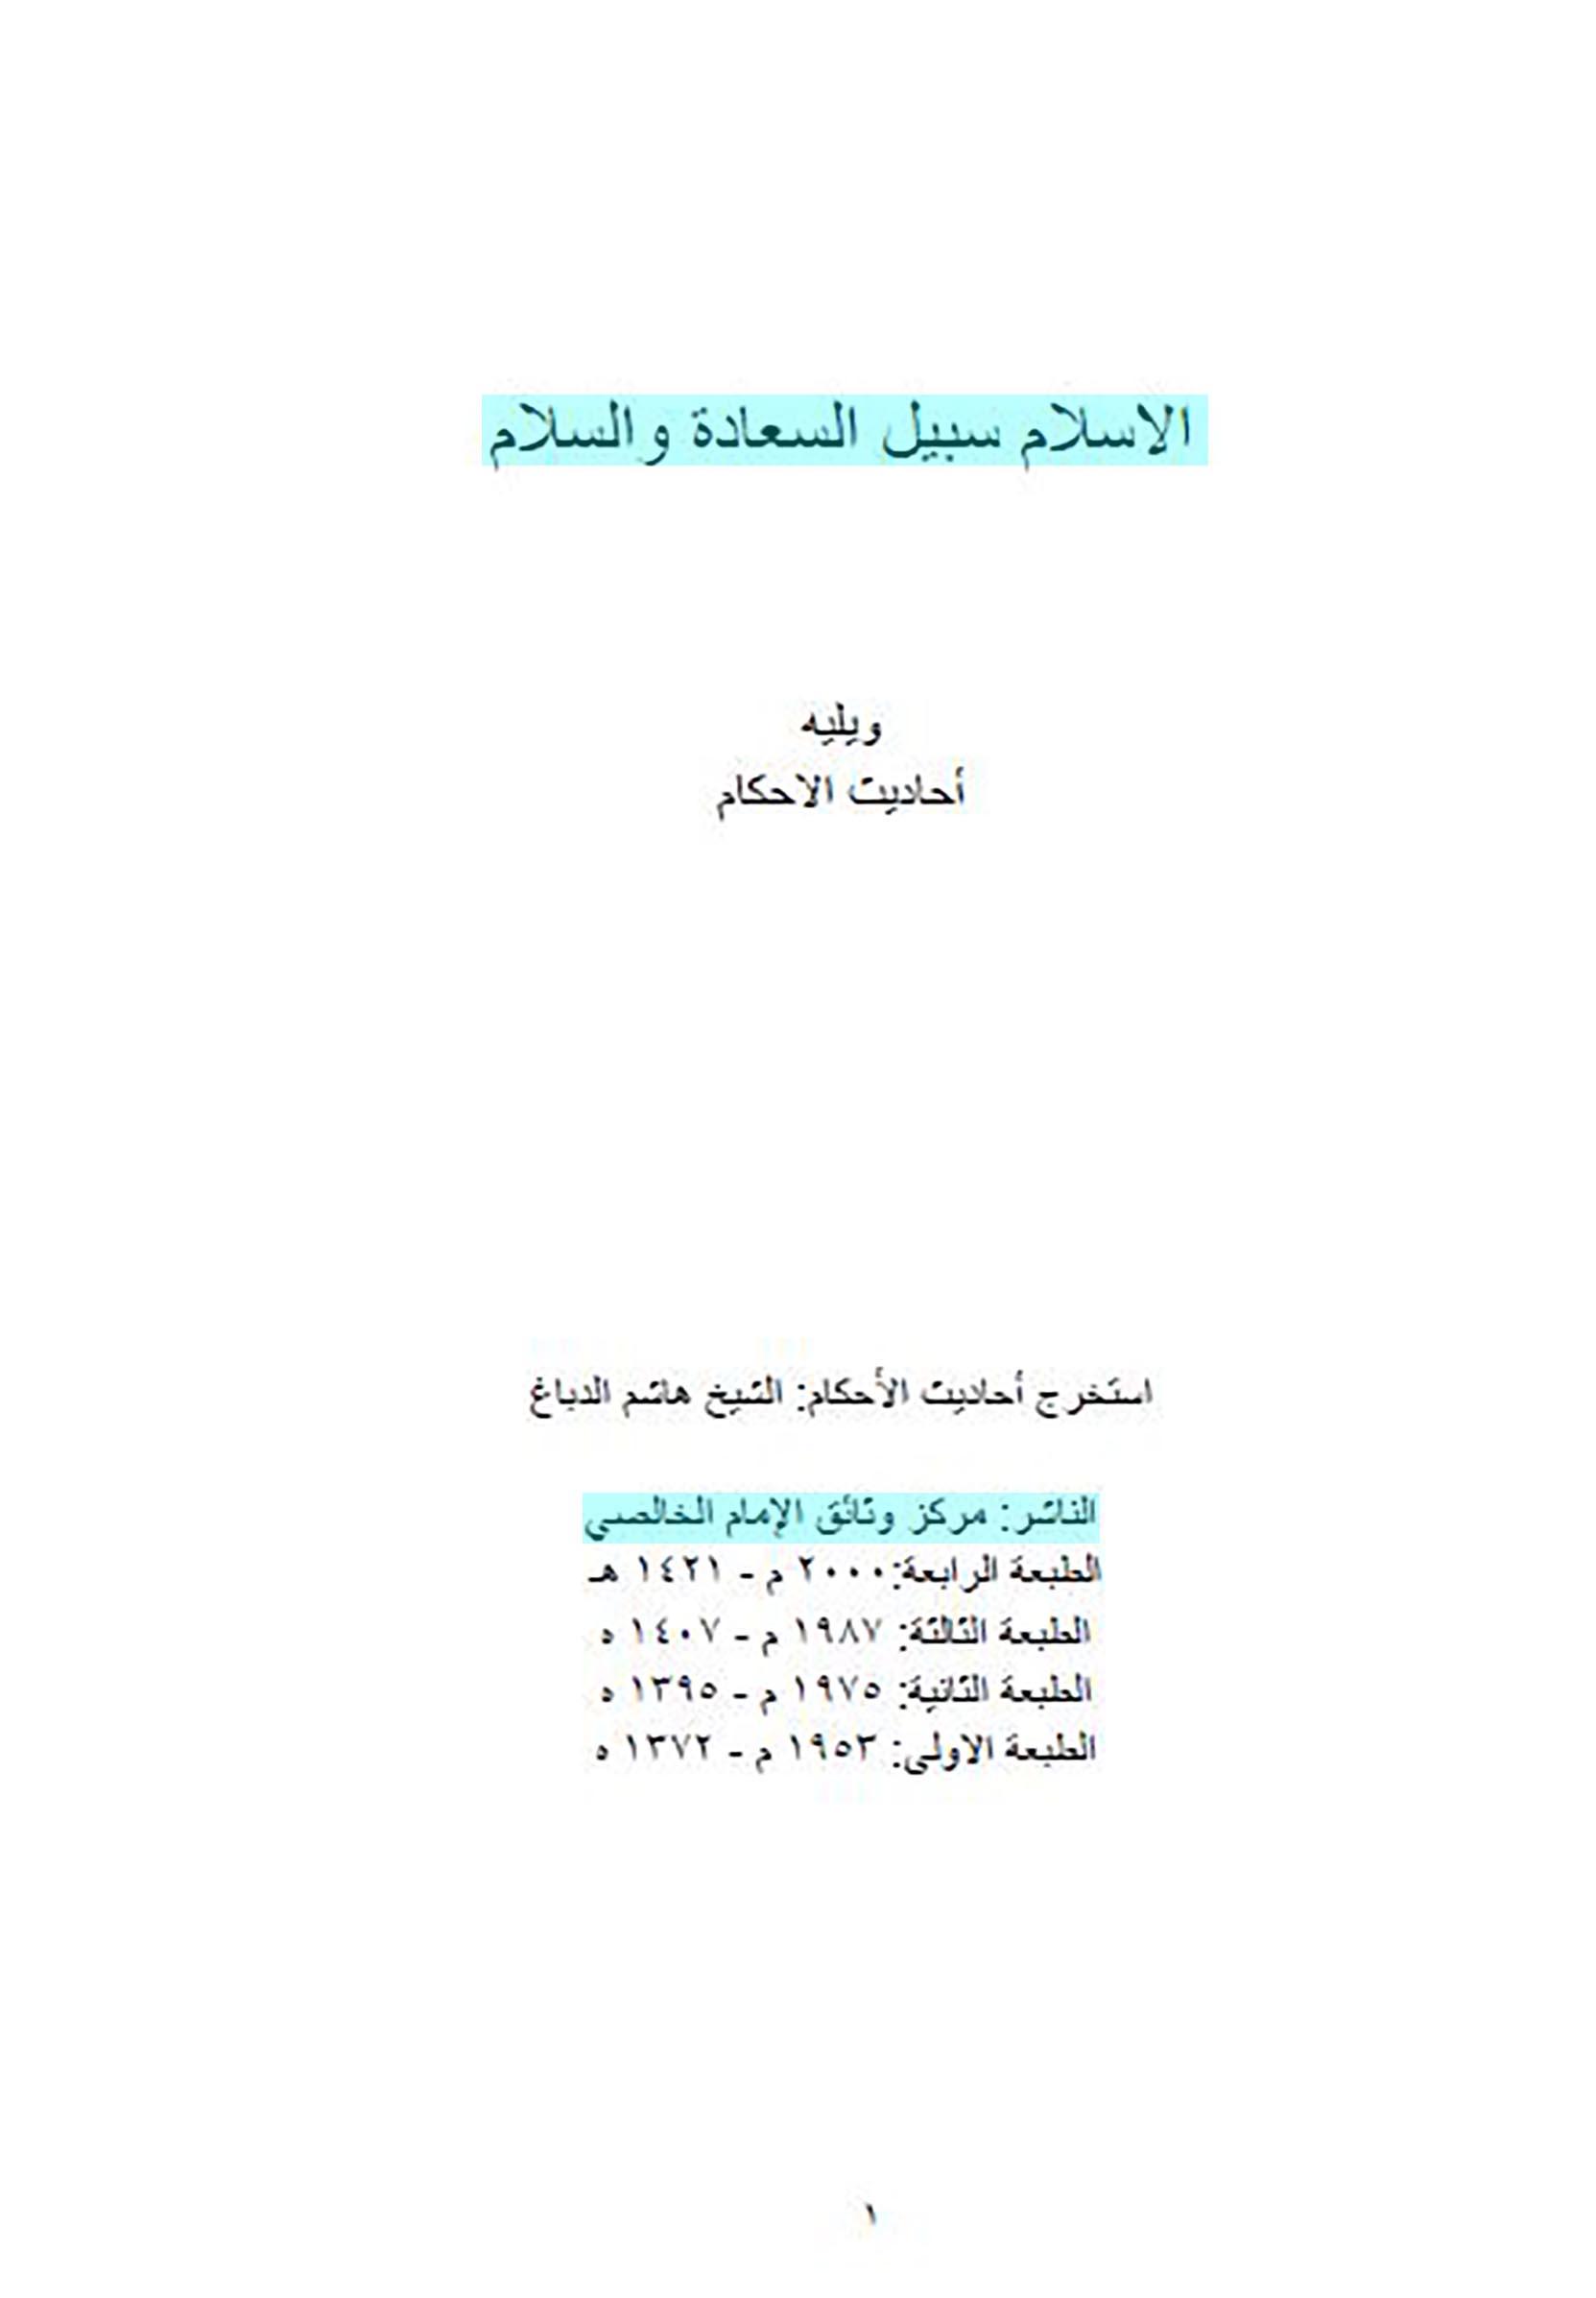 الاســـم:سبيل السلام لمحمد مهدي الخالصي غلاف.JPG المشاهدات: 3607 الحجـــم:64.1 كيلوبايت